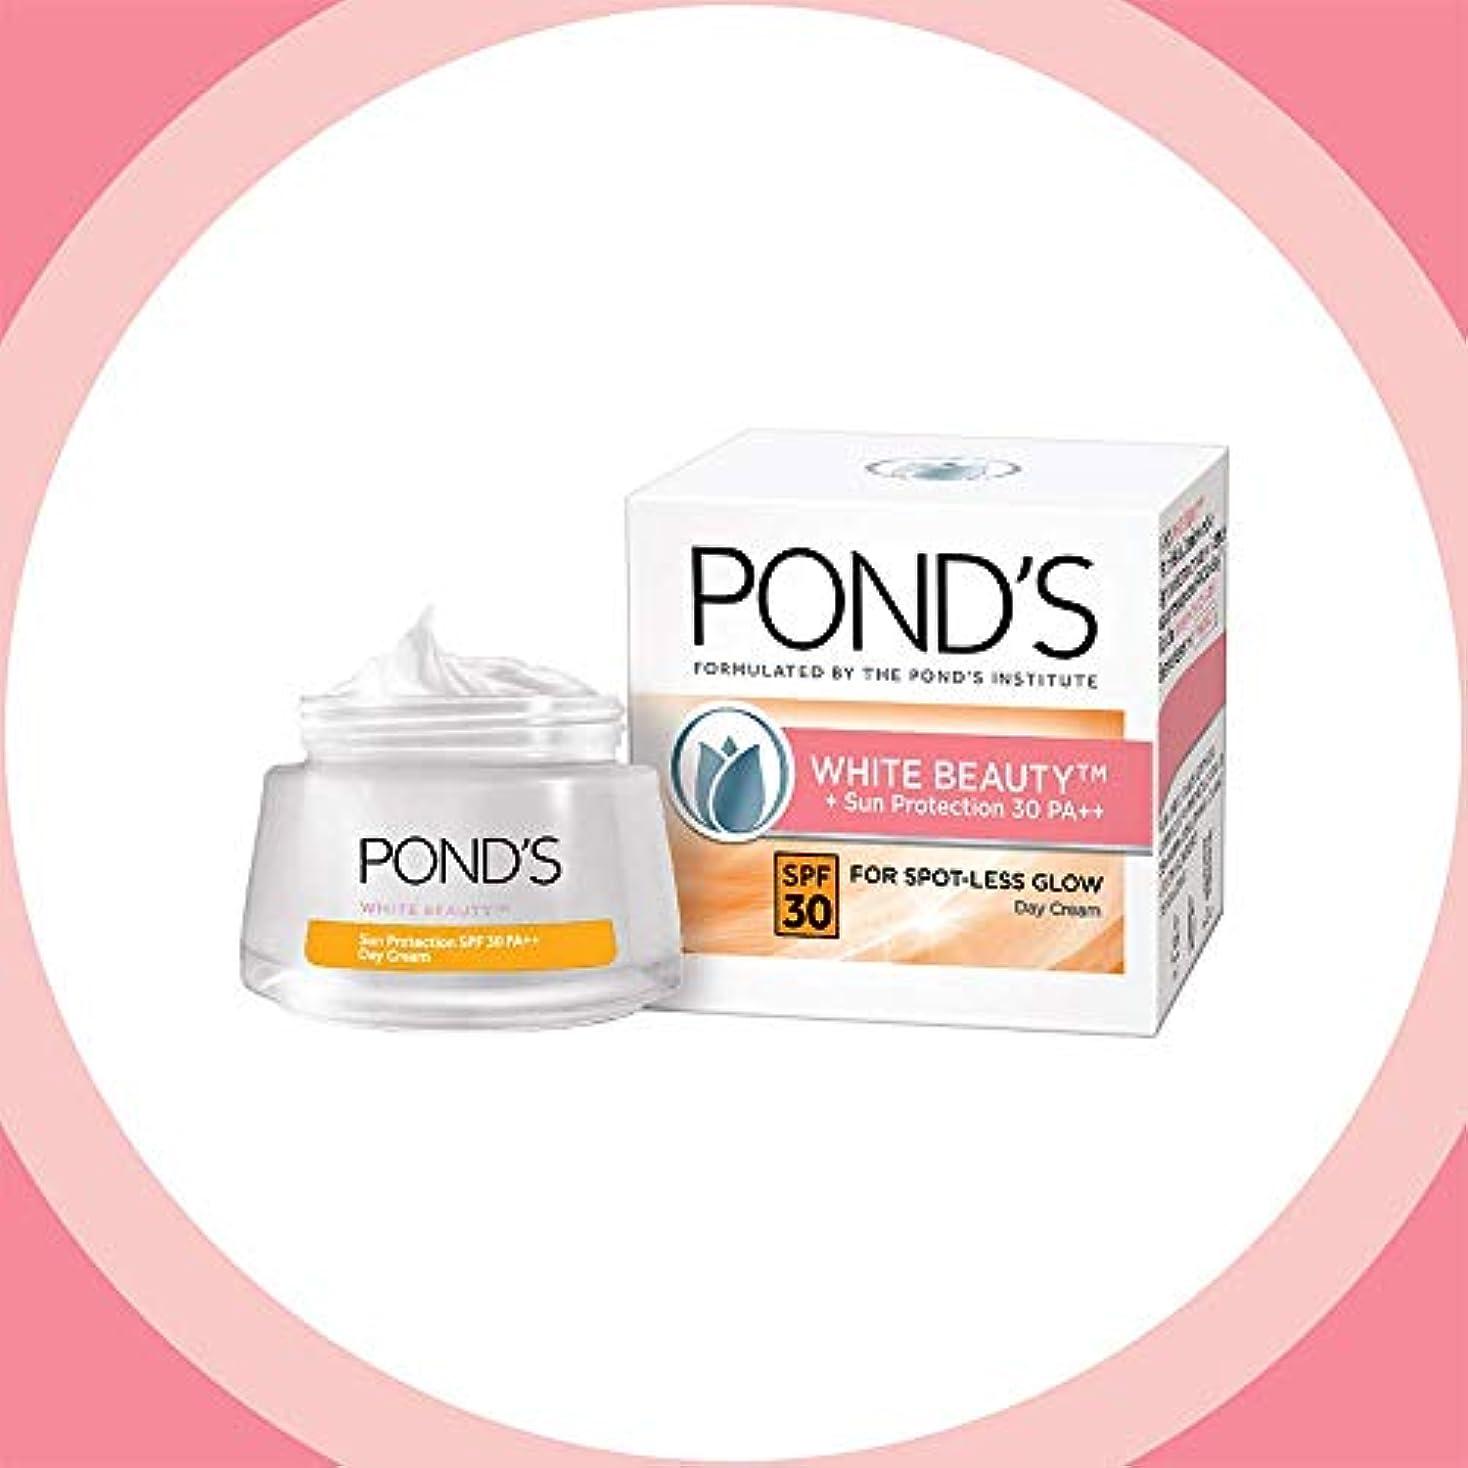 動詞湿気の多い火傷POND'S White Beauty Sun Protection SPF 30 Day Cream, 35 gms (並行インポート) India